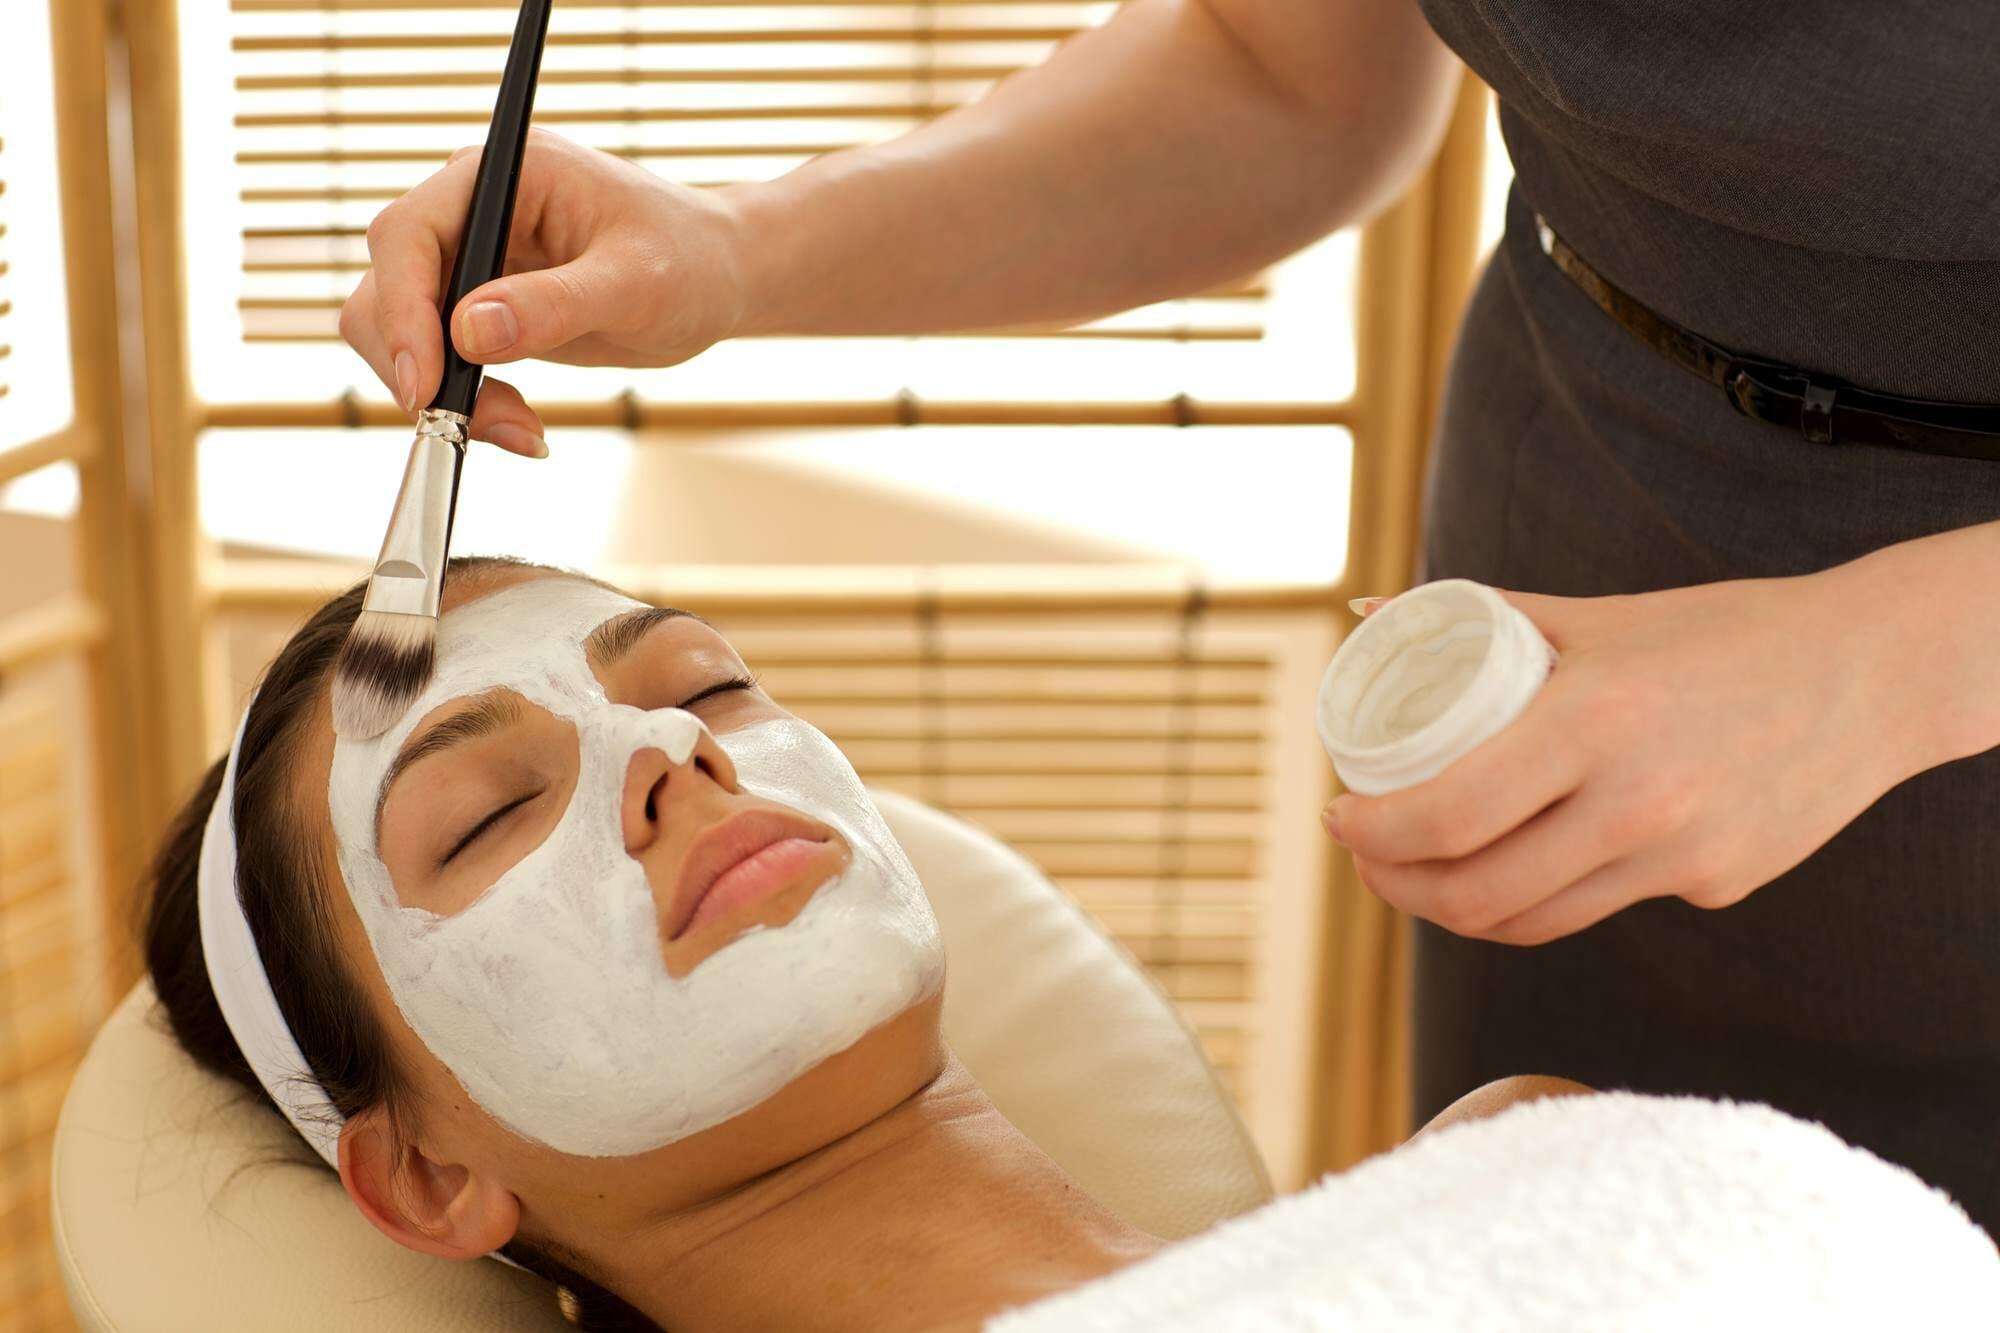 Acne Treatments: Medical Procedures May Help Clear Skin - Merritt Island FL